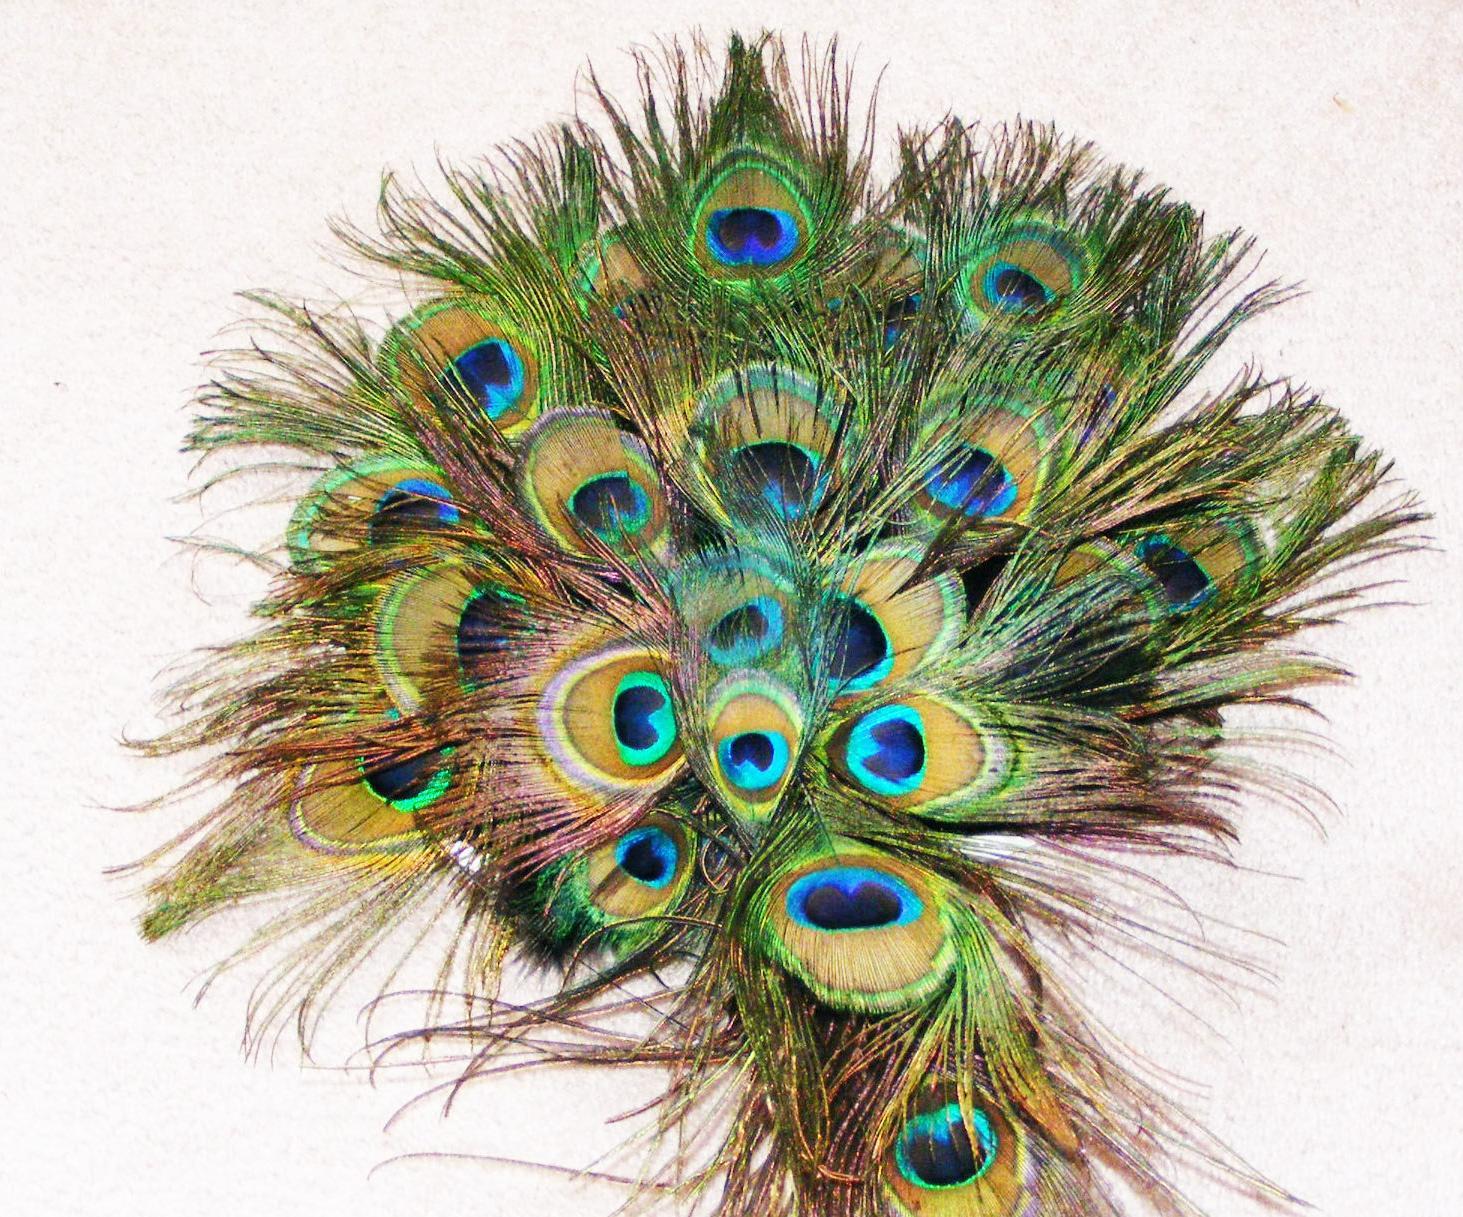 Peacock Feathers Wallpaper Wallpapersafari